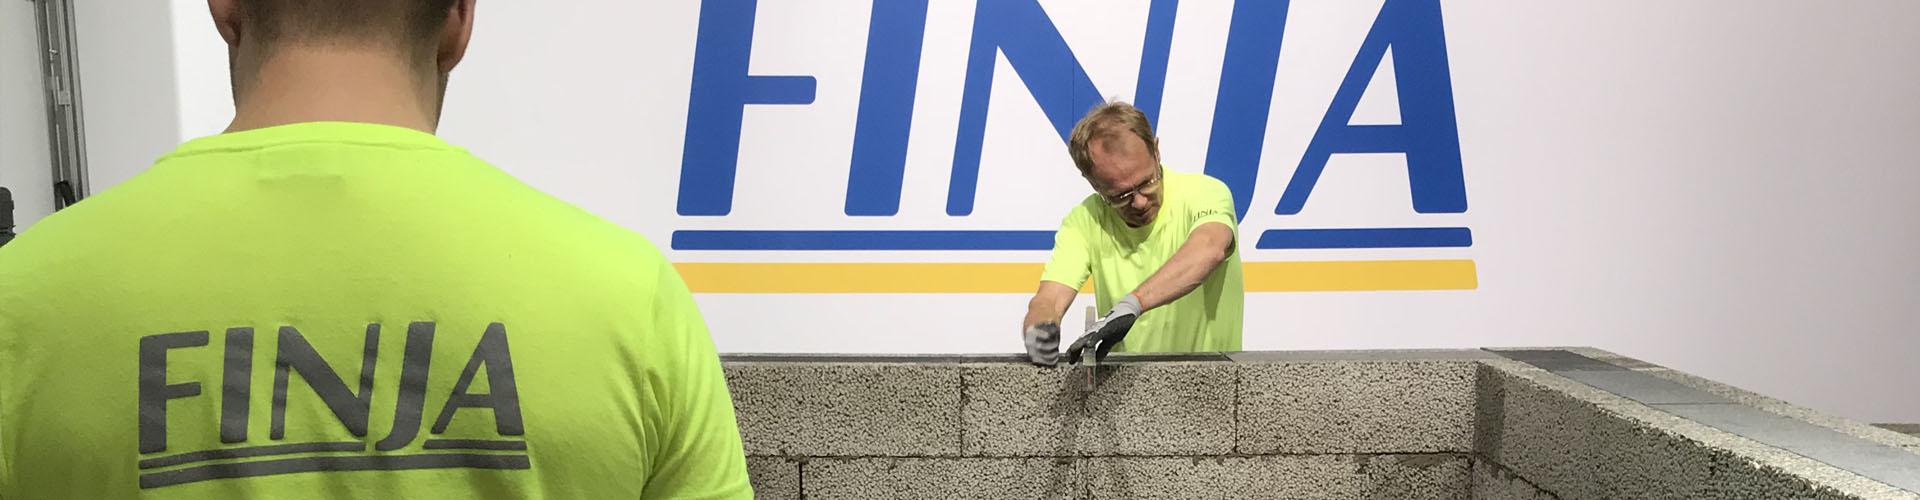 finja betong återförsäljare